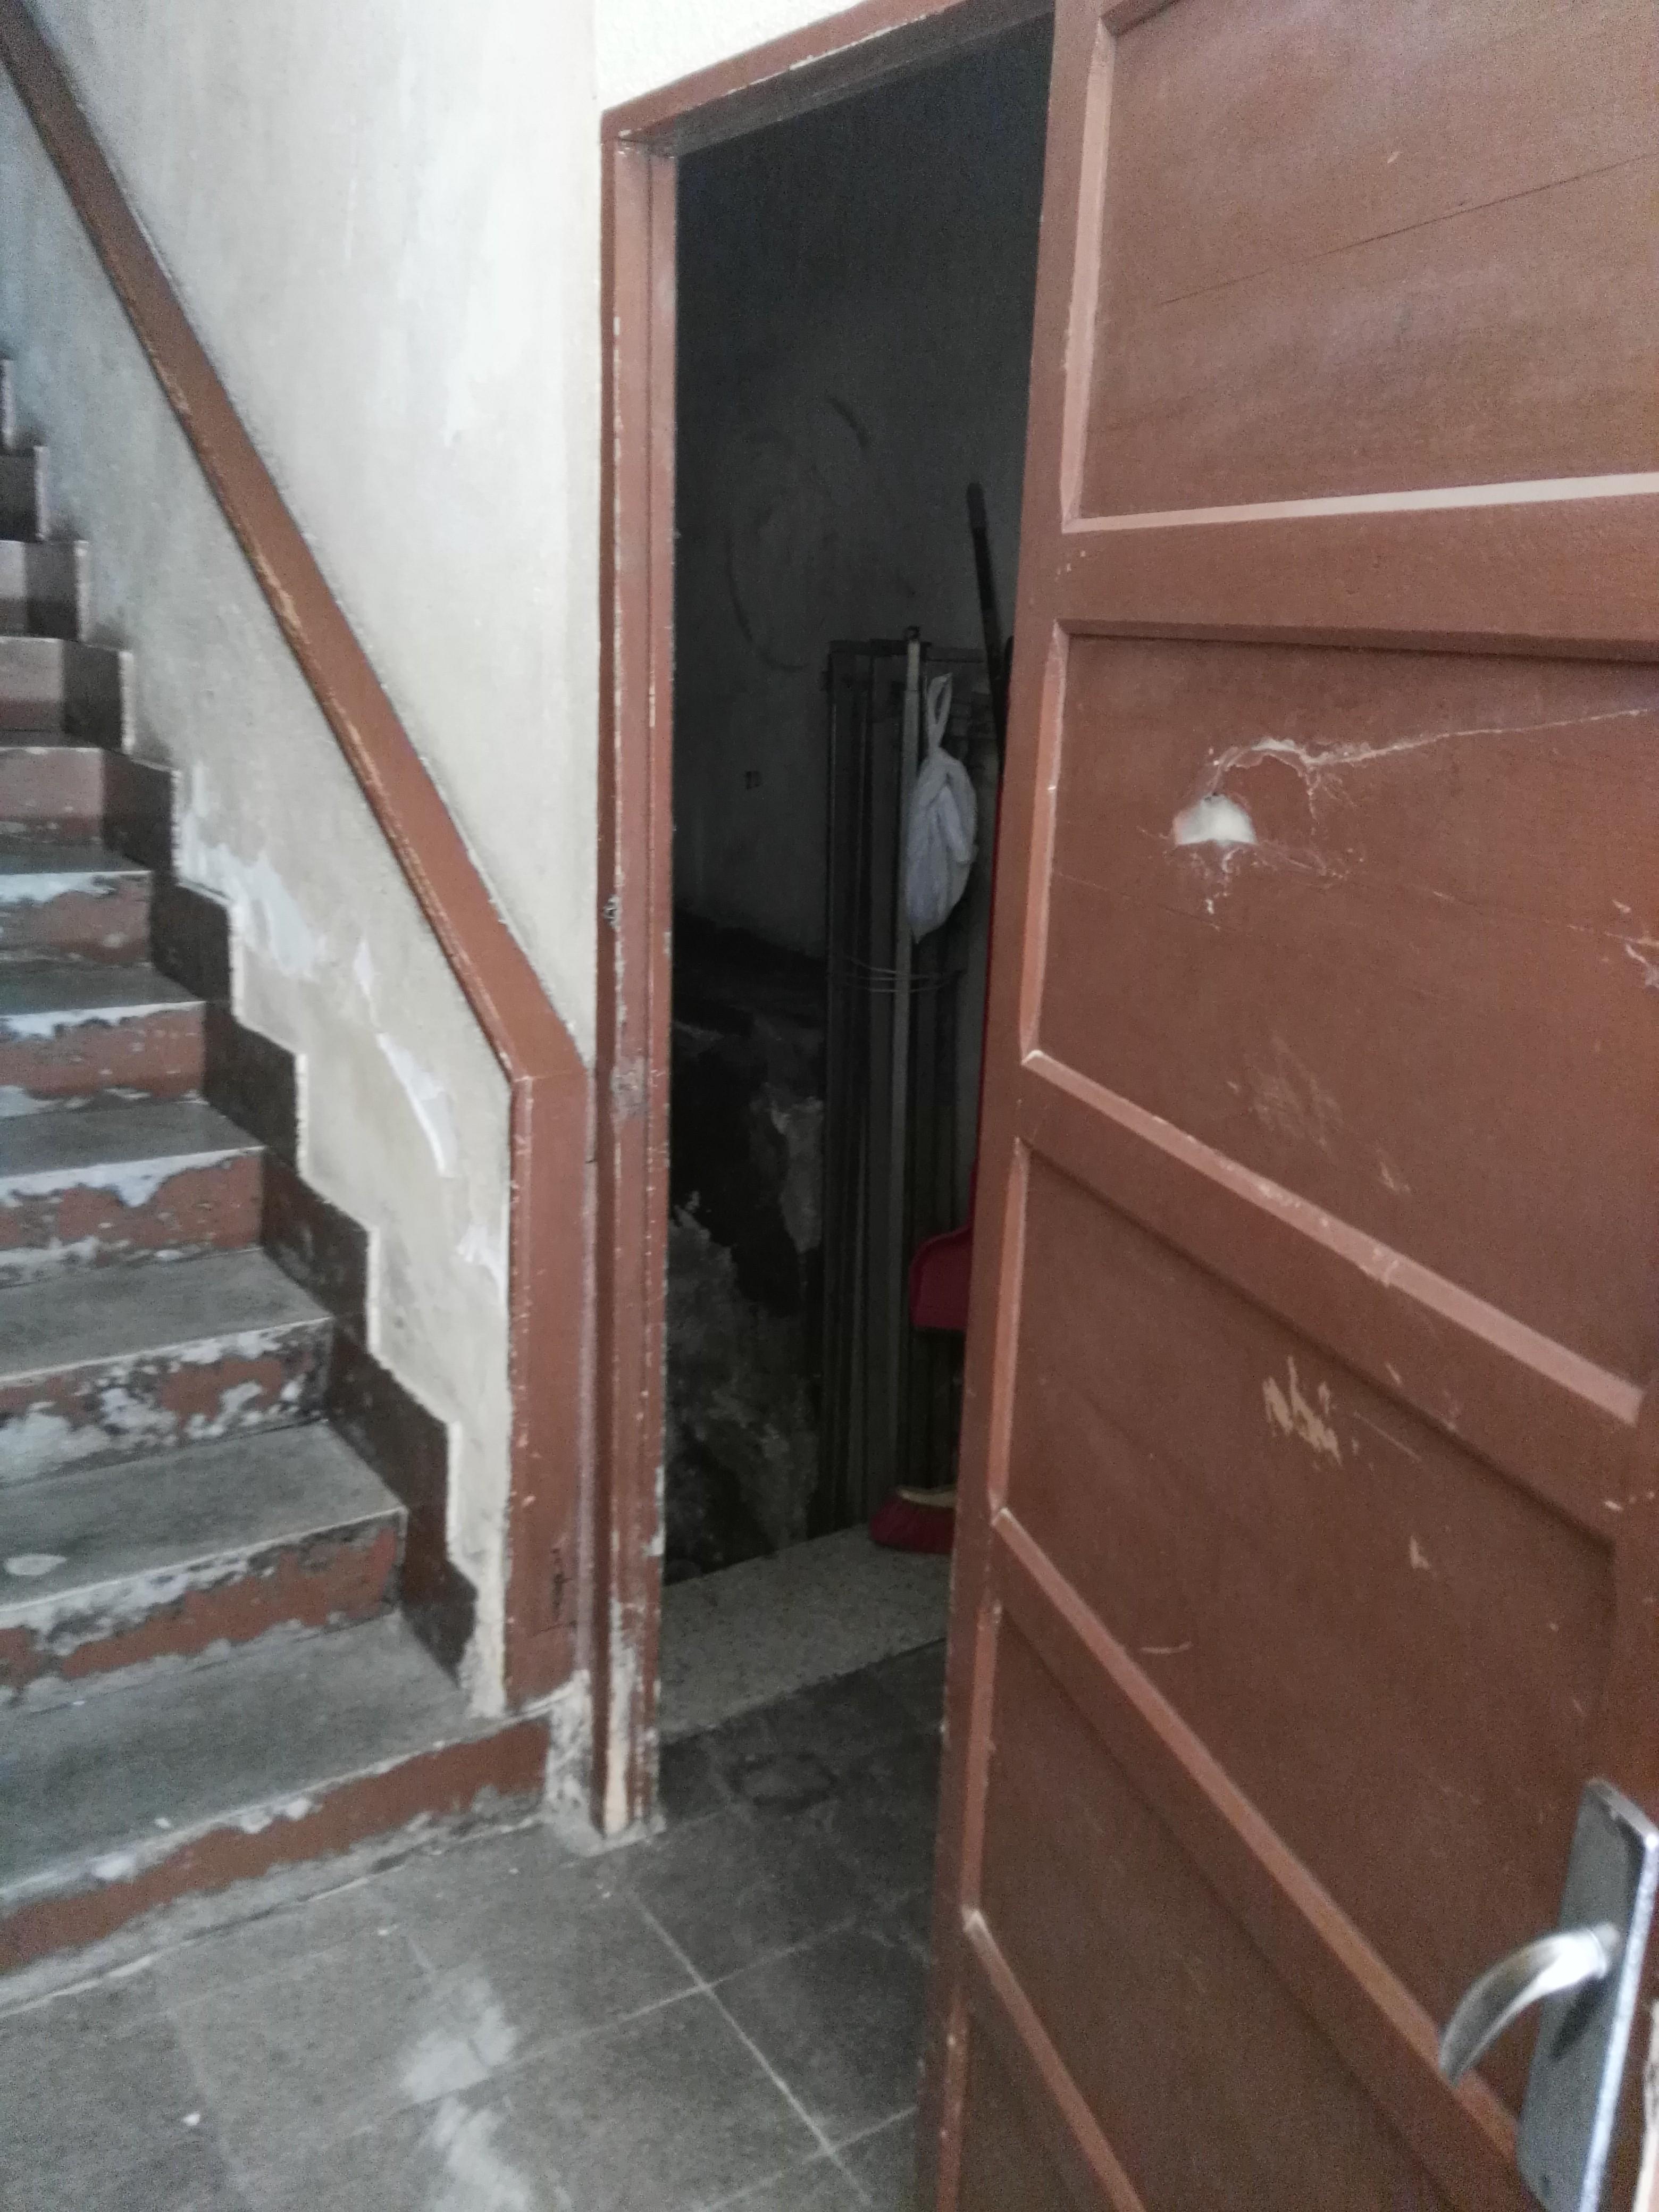 Piso en venta en Langreo, Asturias, Calle Alcalde Gil Rodríguez, 32.000 €, 3 habitaciones, 1 baño, 71 m2